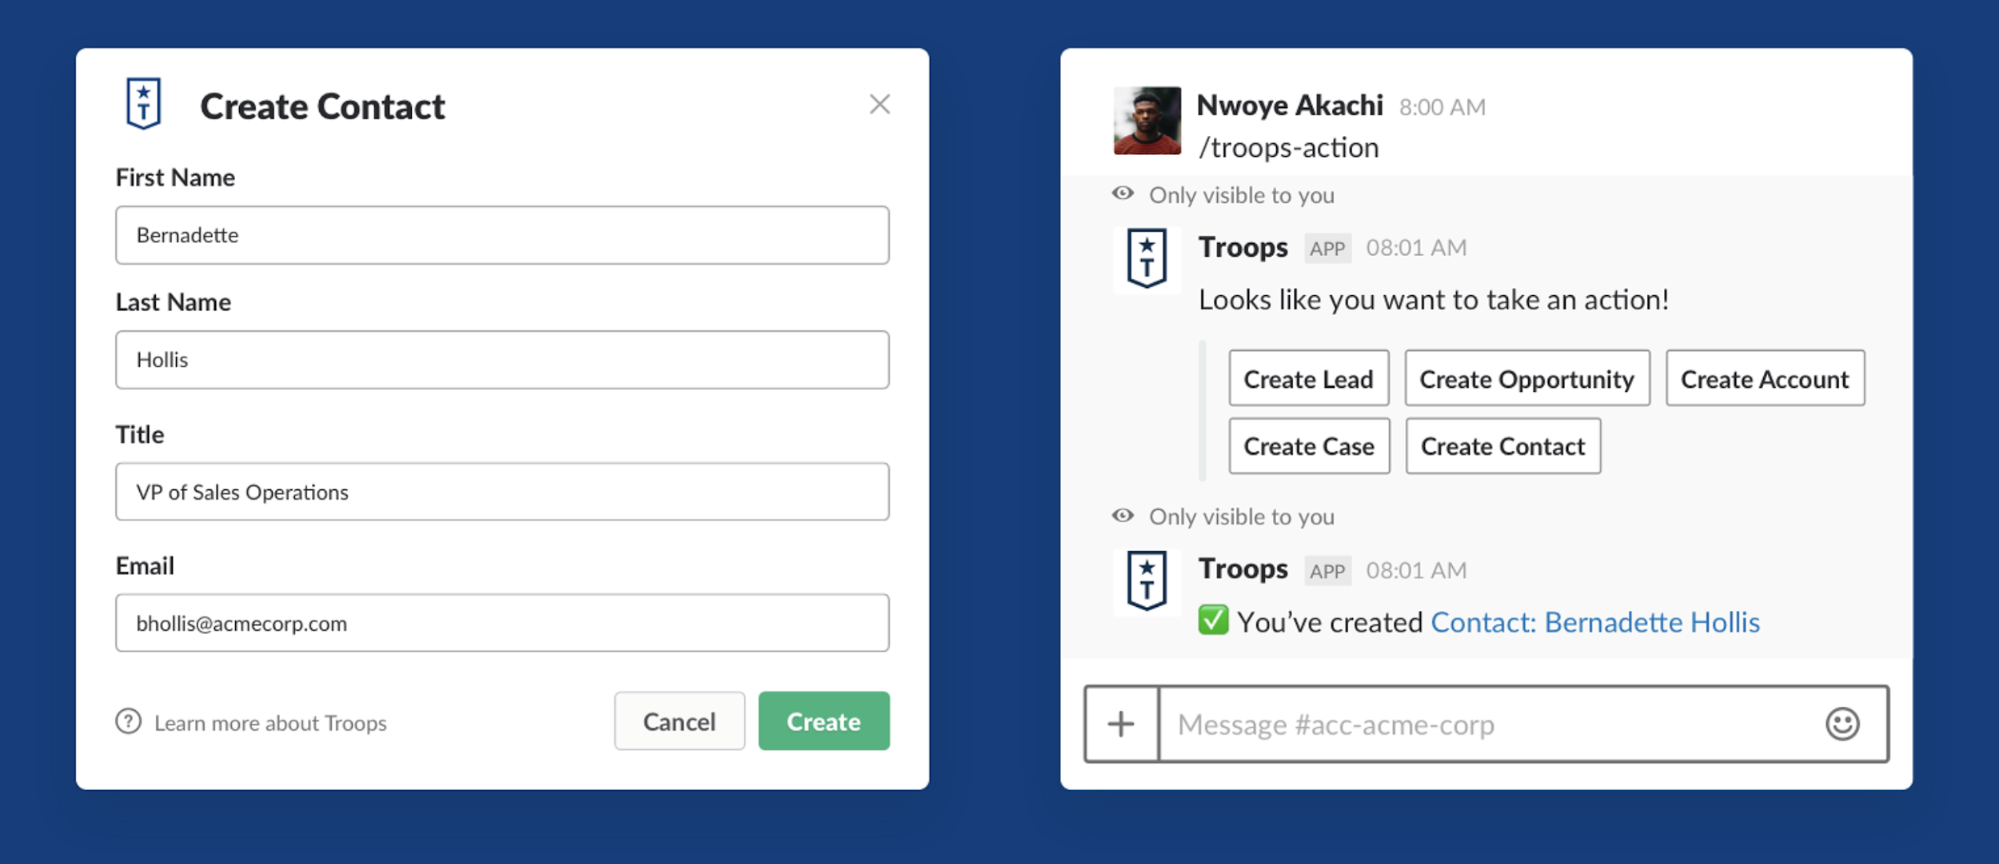 Troops app for Slack